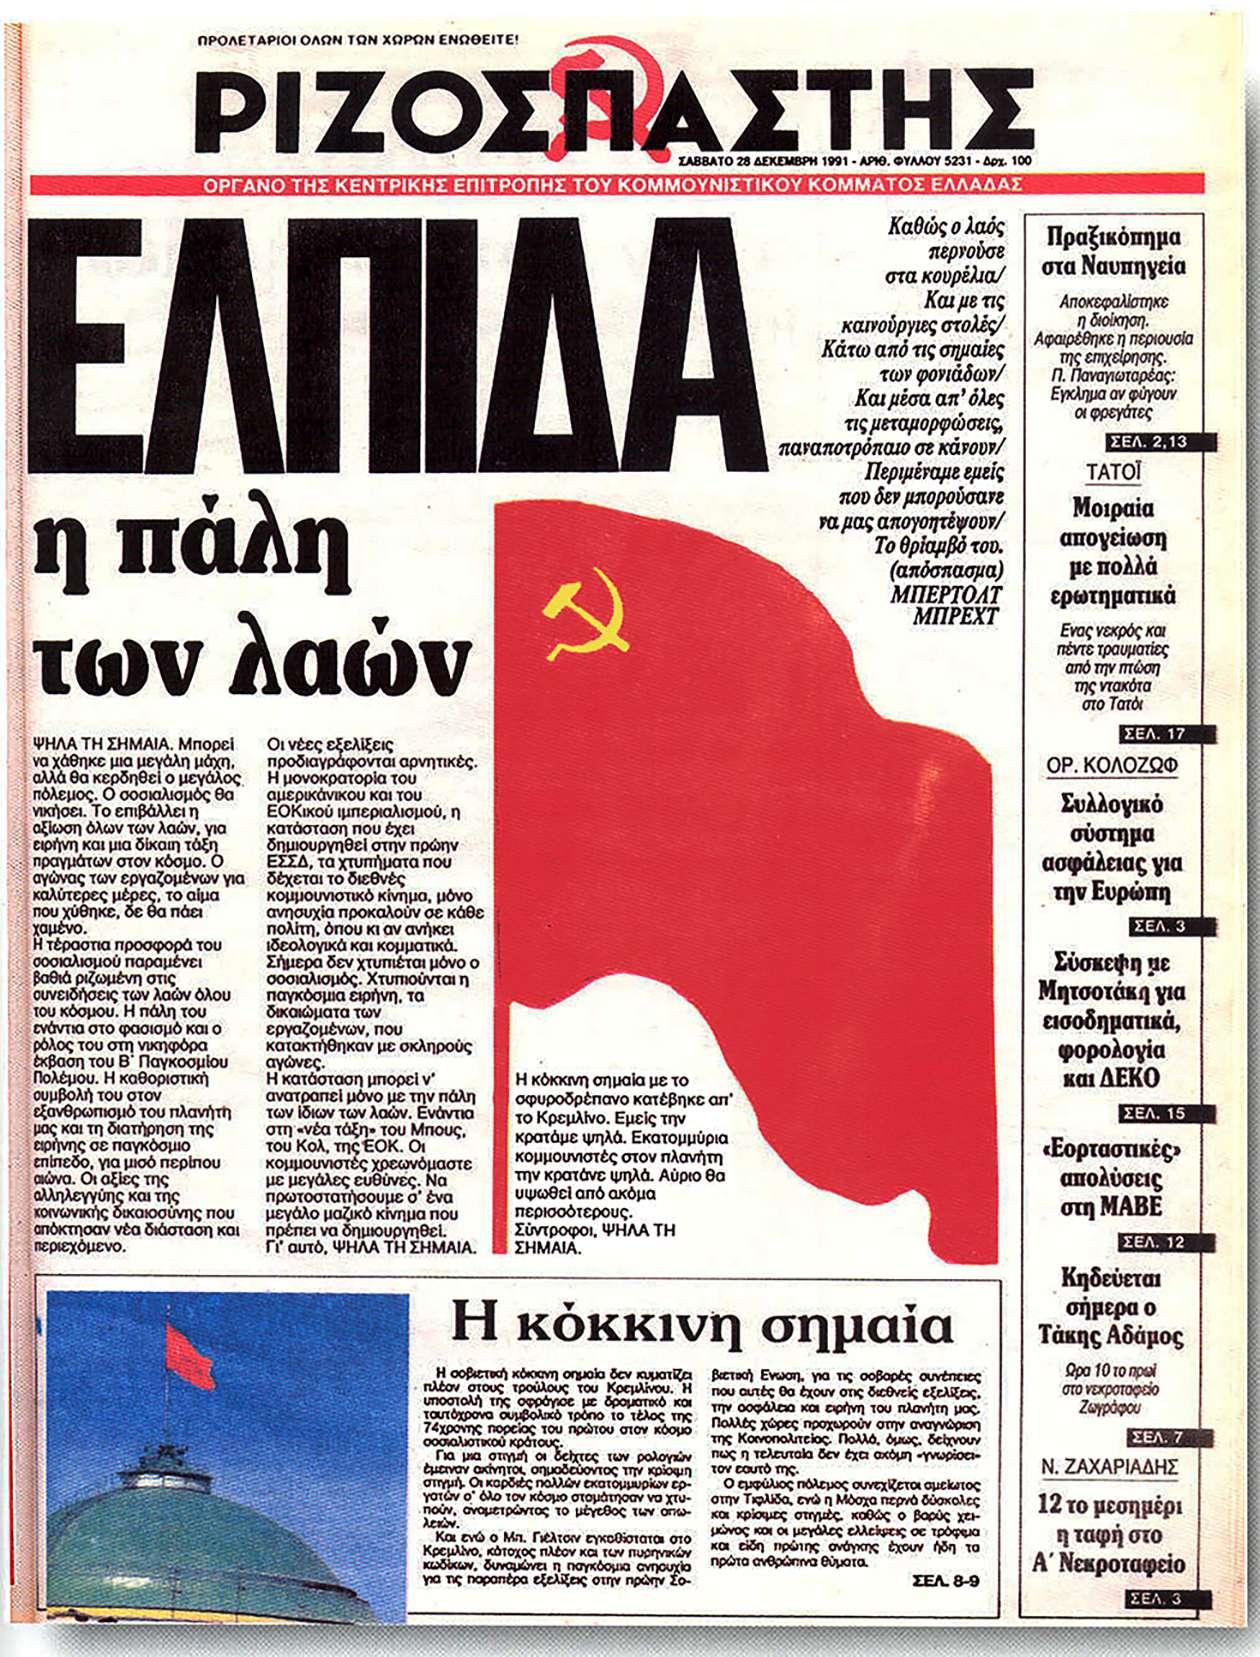 Ψηλά την Κόκκινη σημαία Ρίζος Δεκ 91 πρωτοσέλιδο